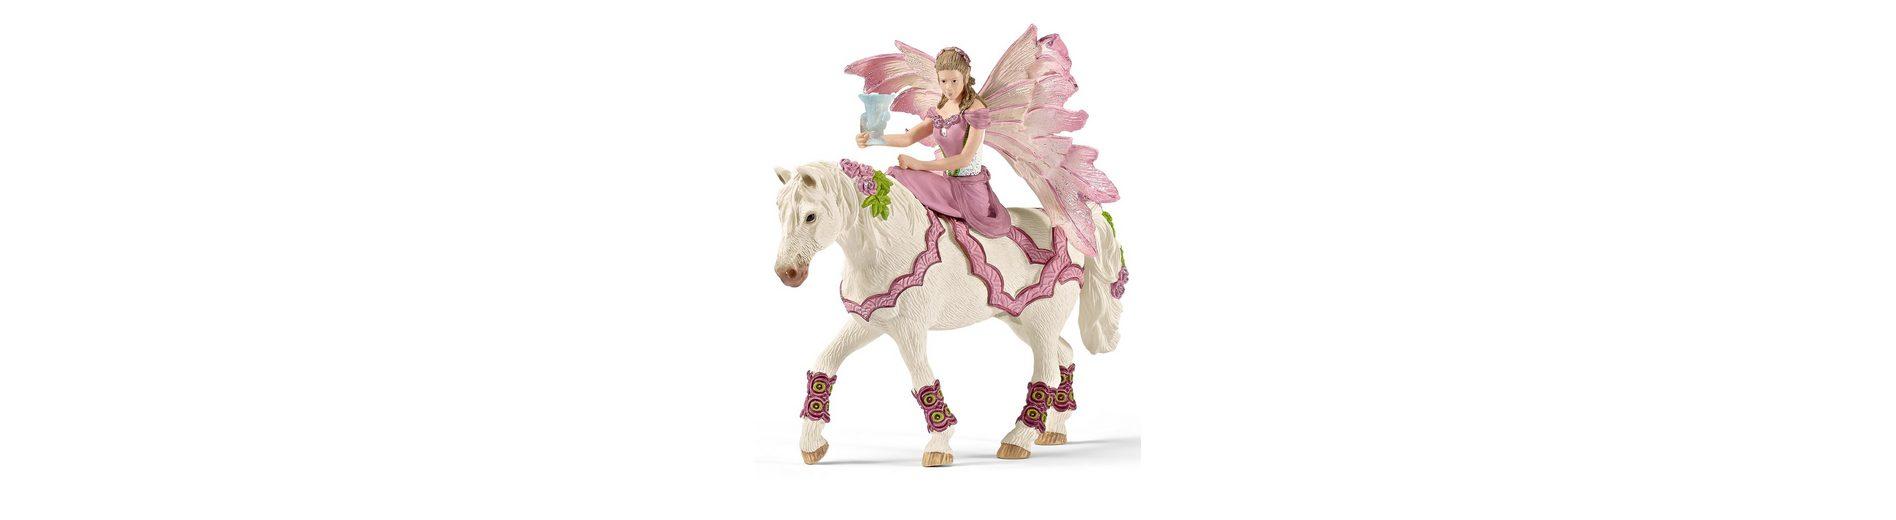 Schleich® Spielfigur, »World of Fantasy bayala - Feya in festlicher Kleidung, reitend«